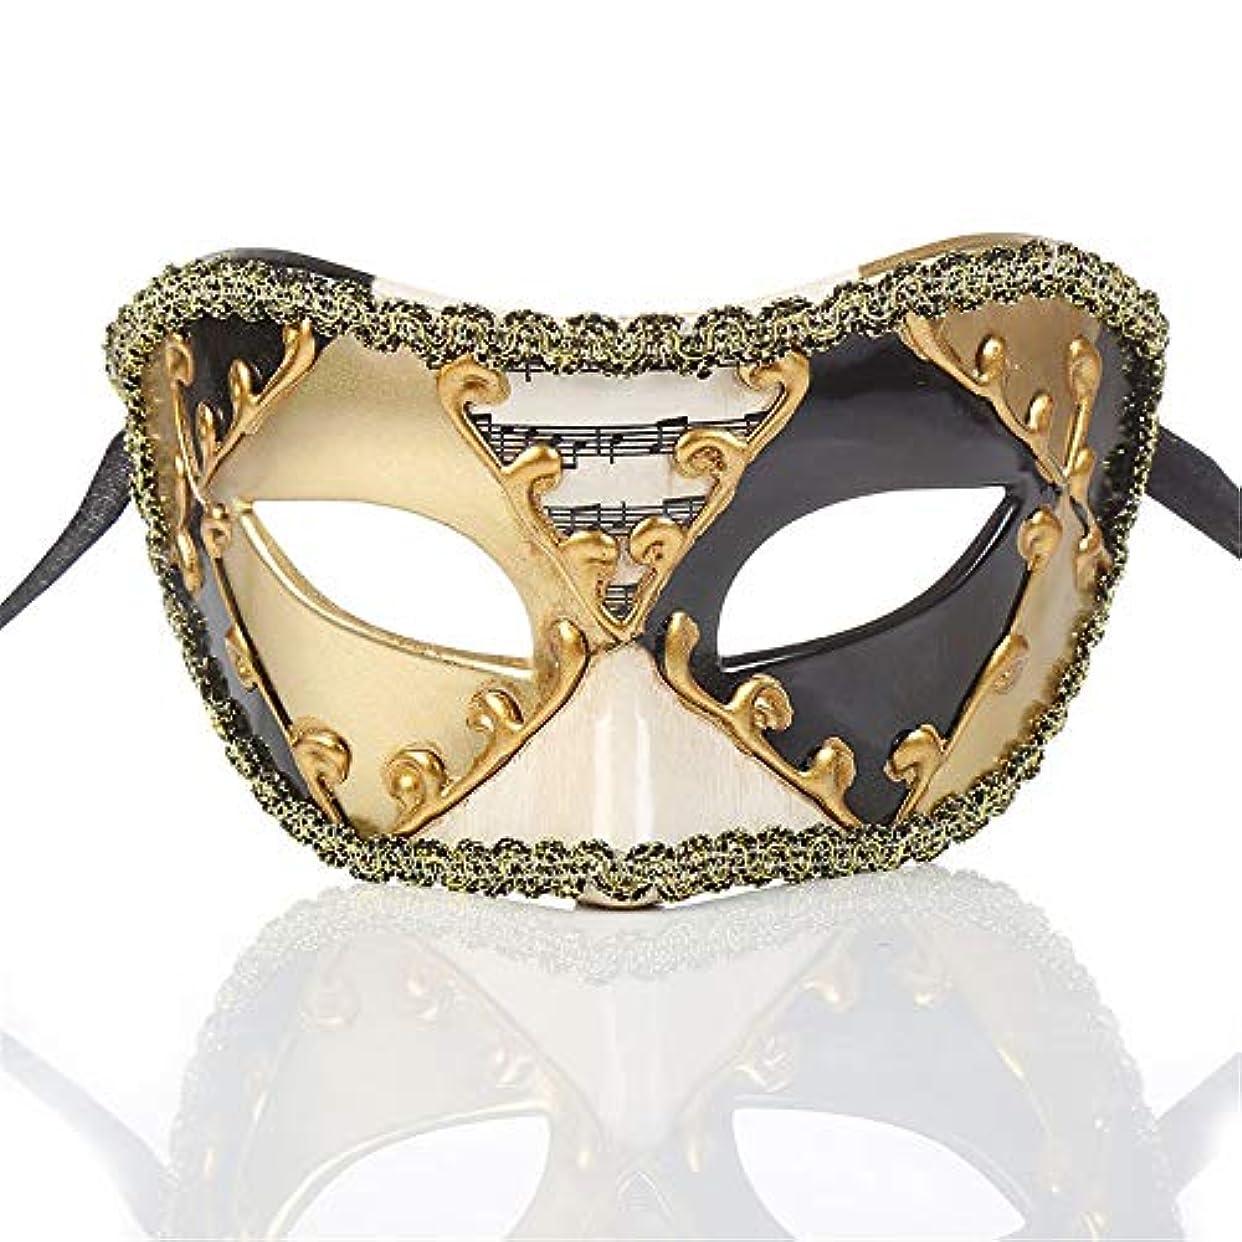 フォロー母性どんなときもダンスマスク ヴィンテージクラシックハーフフェイスクラウンミュージカルノート装飾マスクフェスティバルロールプレイングプラスチックマスク ホリデーパーティー用品 (色 : ブラック, サイズ : 16.5x8cm)